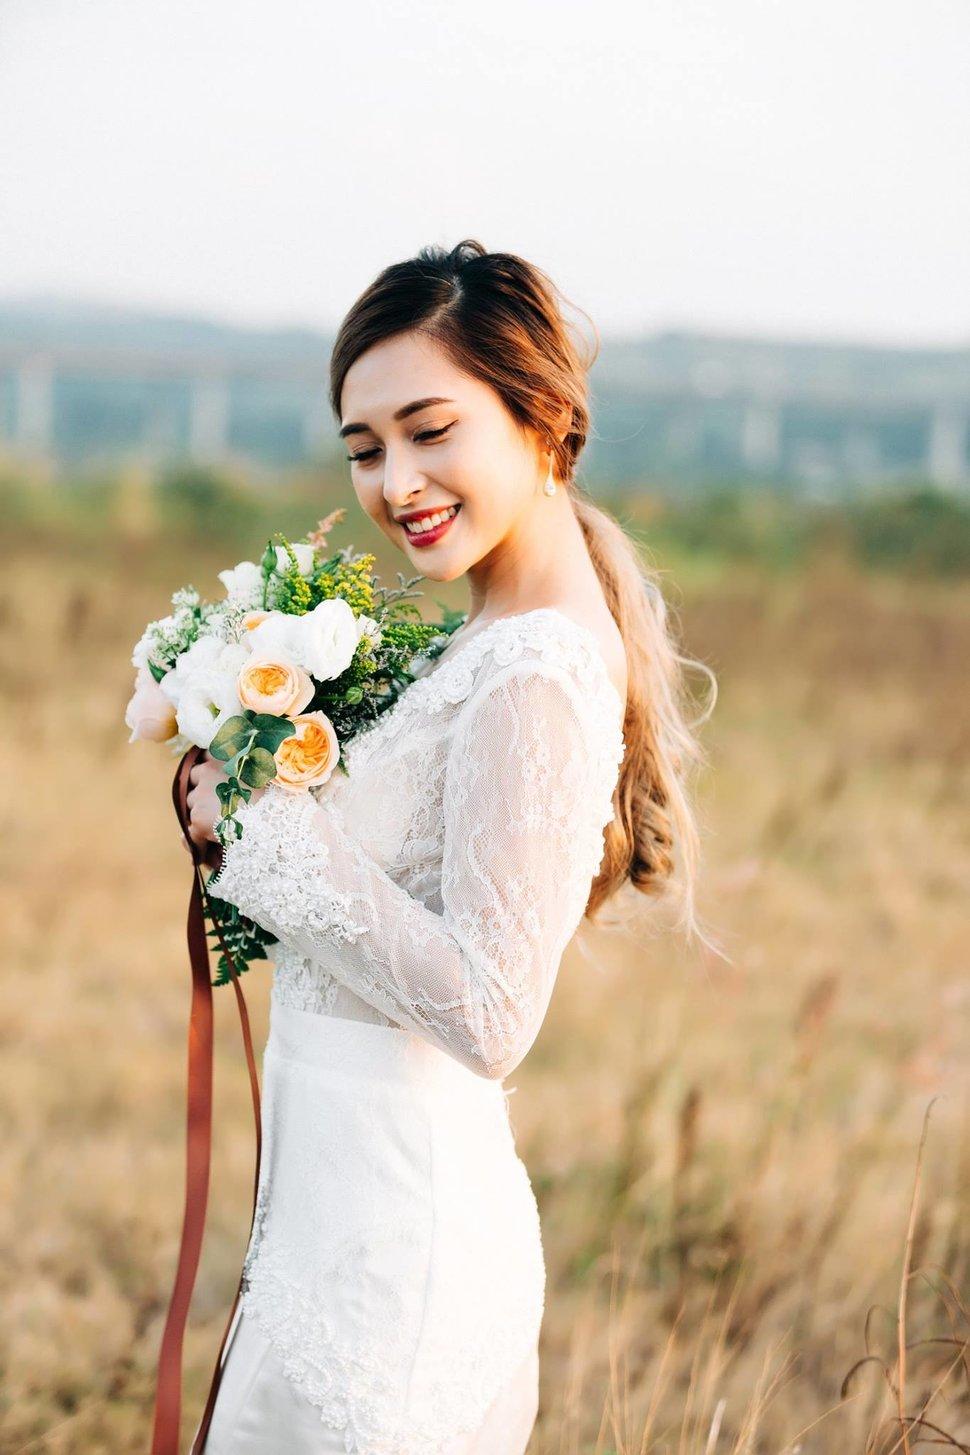 51919819_992431644213769_1219743756849250304_o - LINN  美式婚紗《結婚吧》